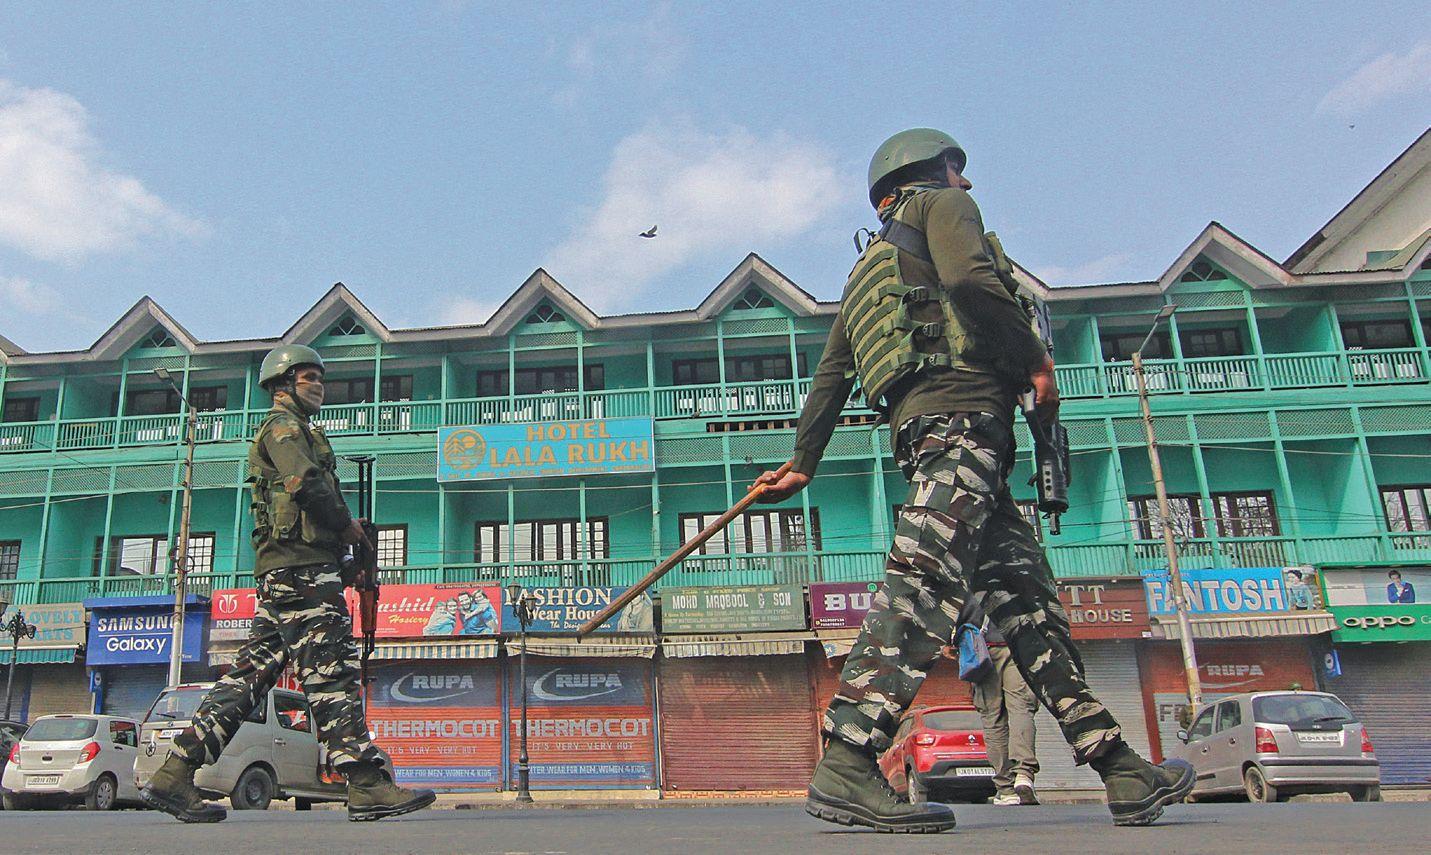 Shutdown-in-Kashmir-against-land-laws.jpg